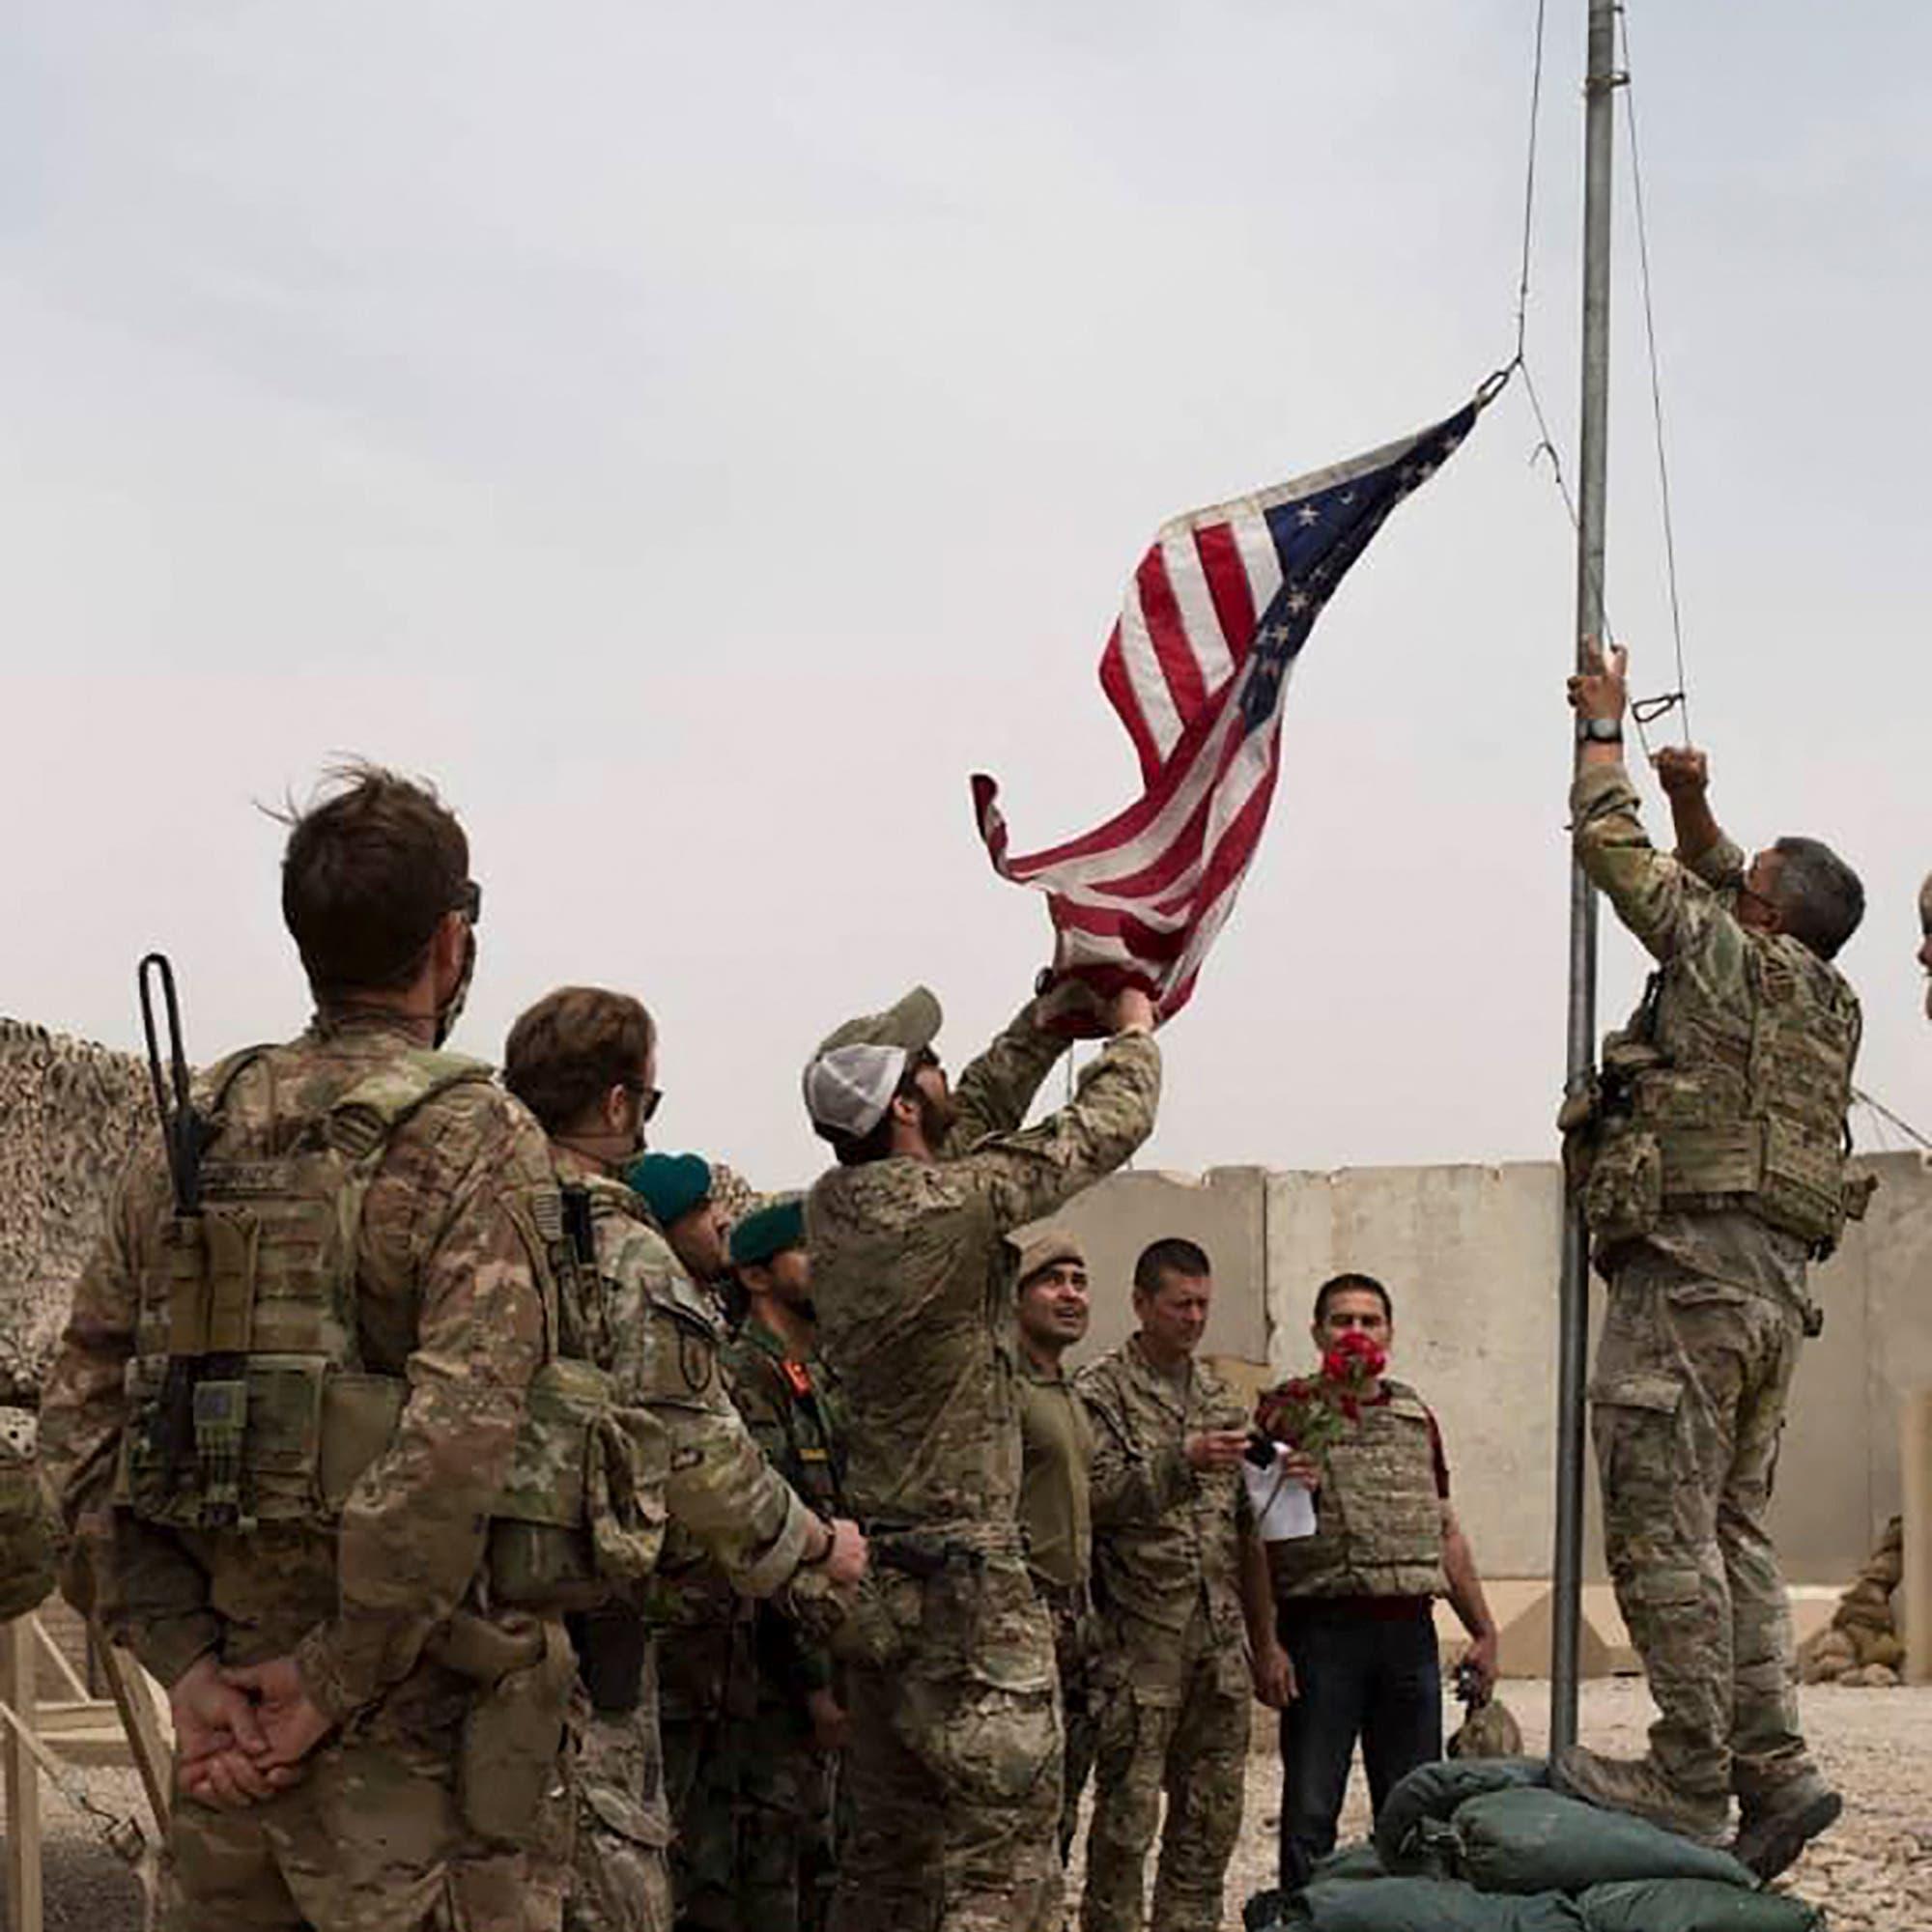 أميركا تحذّر: الوضع بأفغانستان تدهور وبات ينذر بحرب أهلية